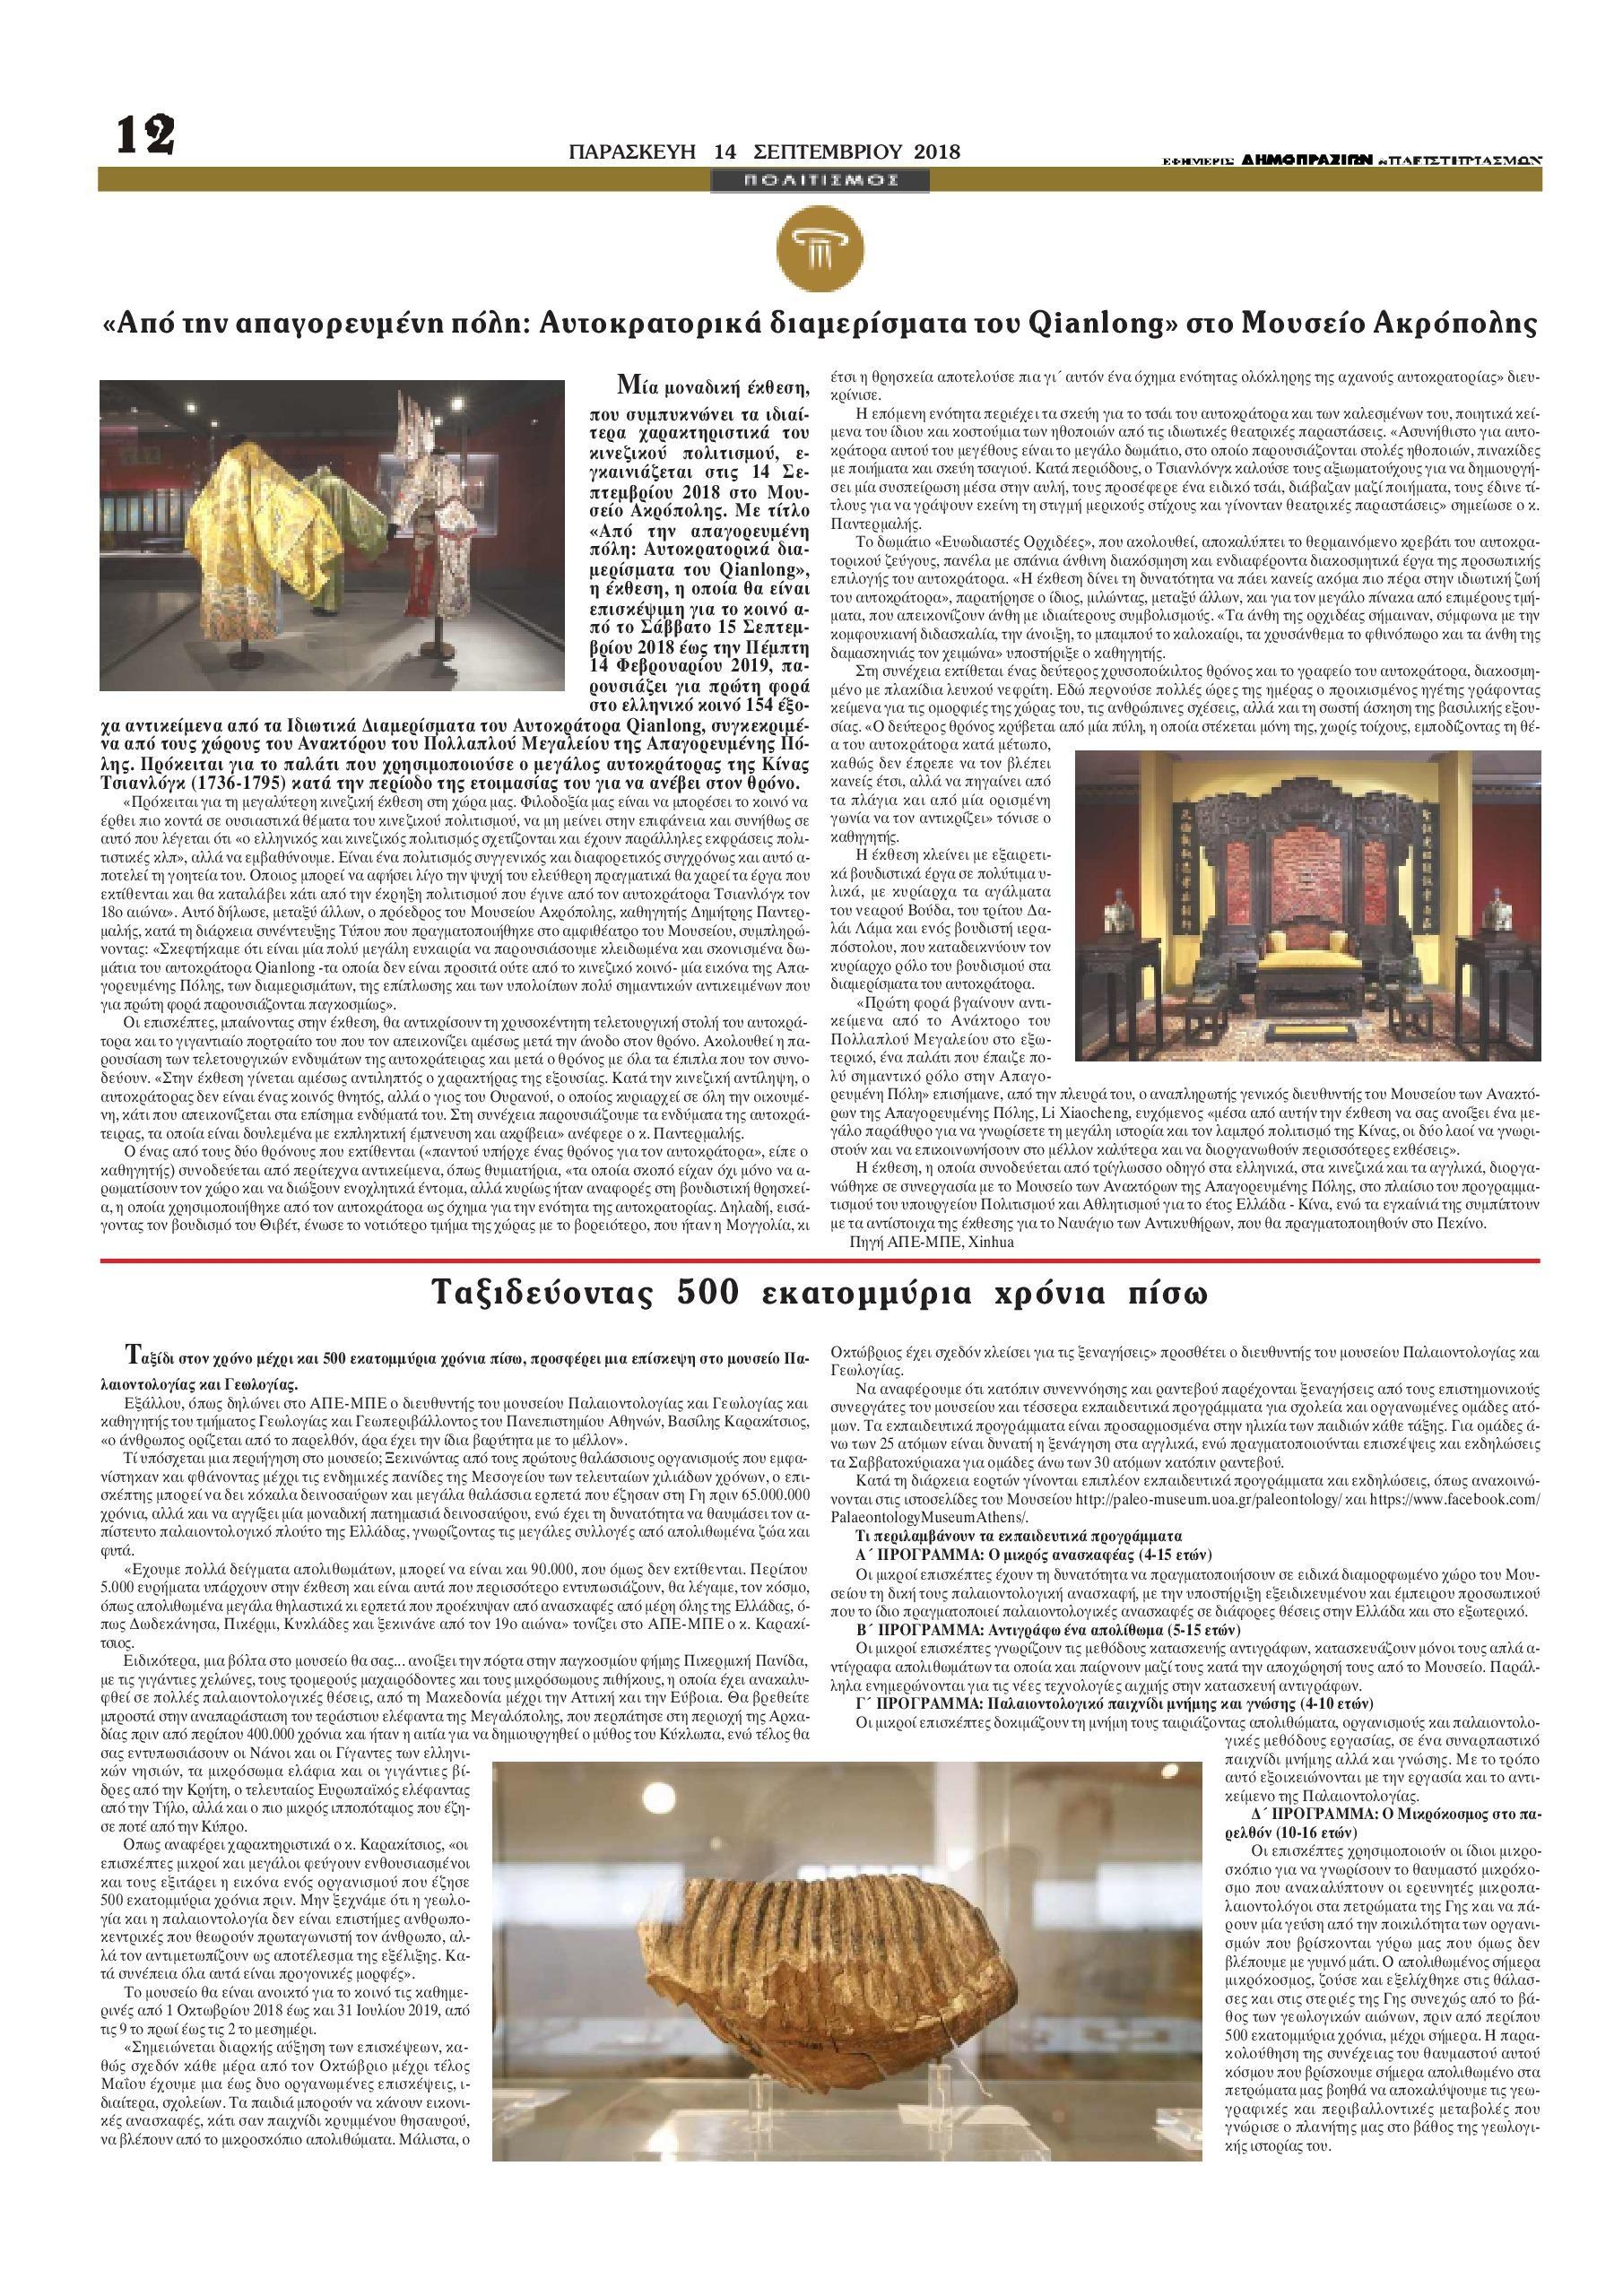 Οπισθόφυλλο εφημερίδας ����������������������